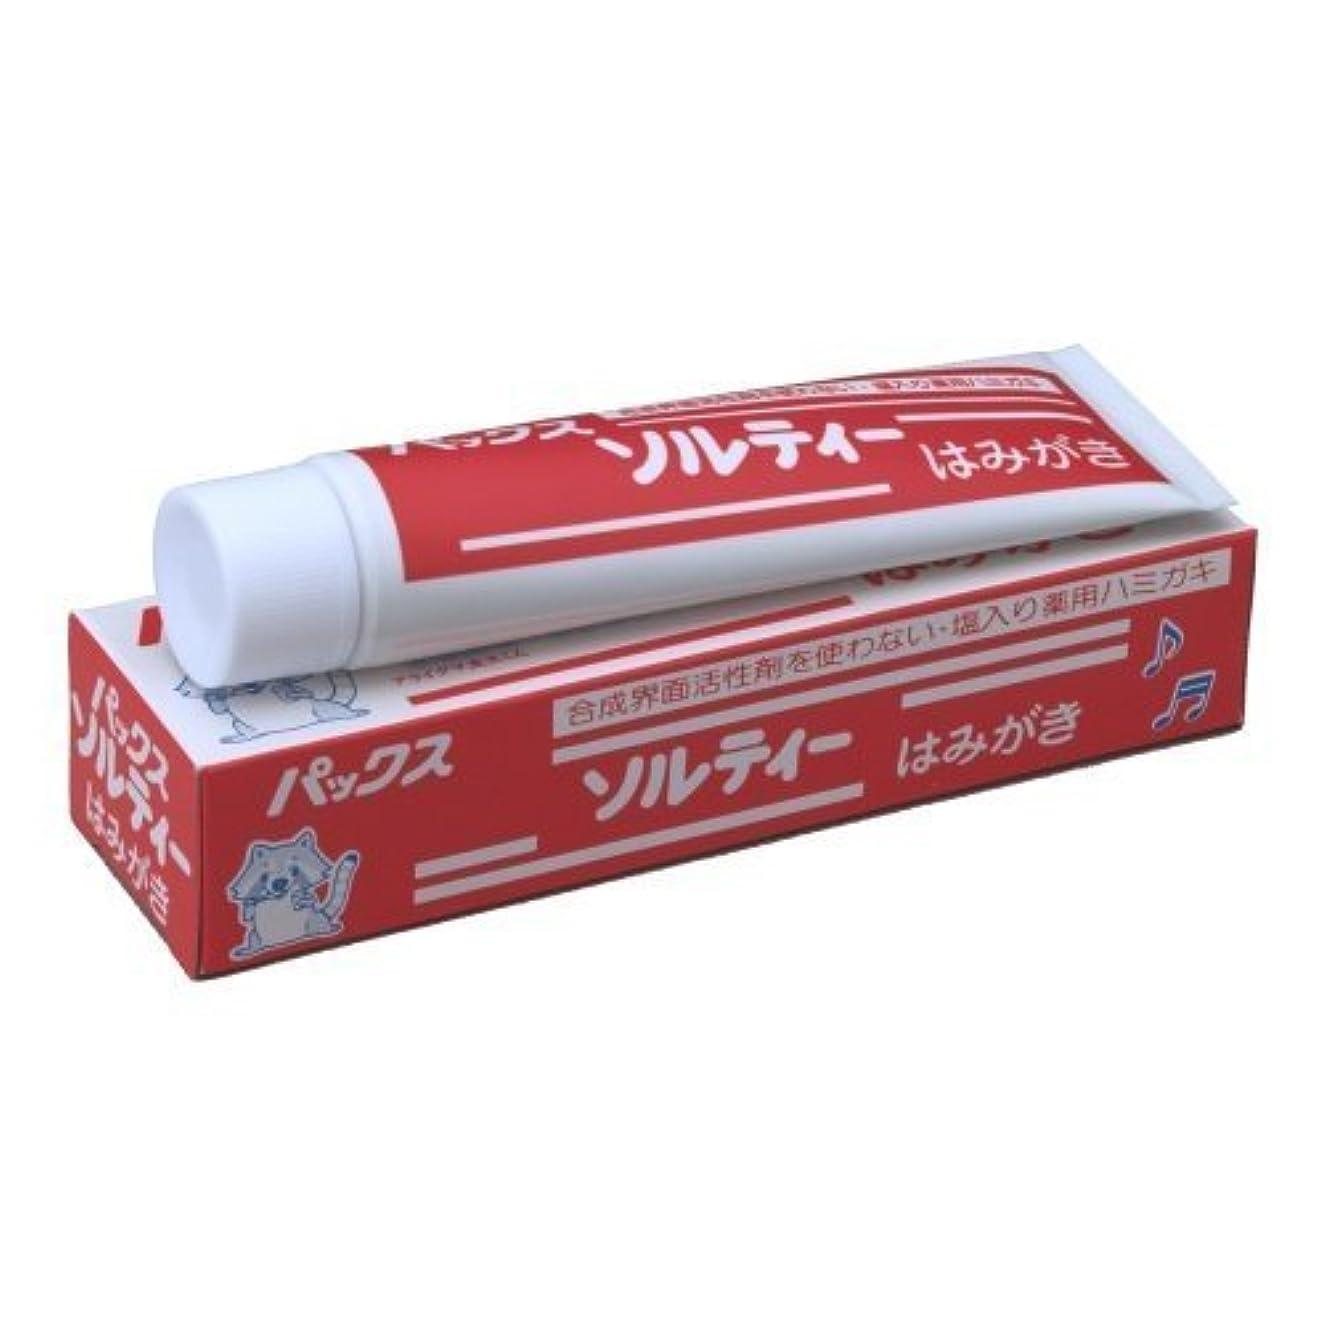 加入アパート深さパックスソルティー齒磨き 80G【6個パック】